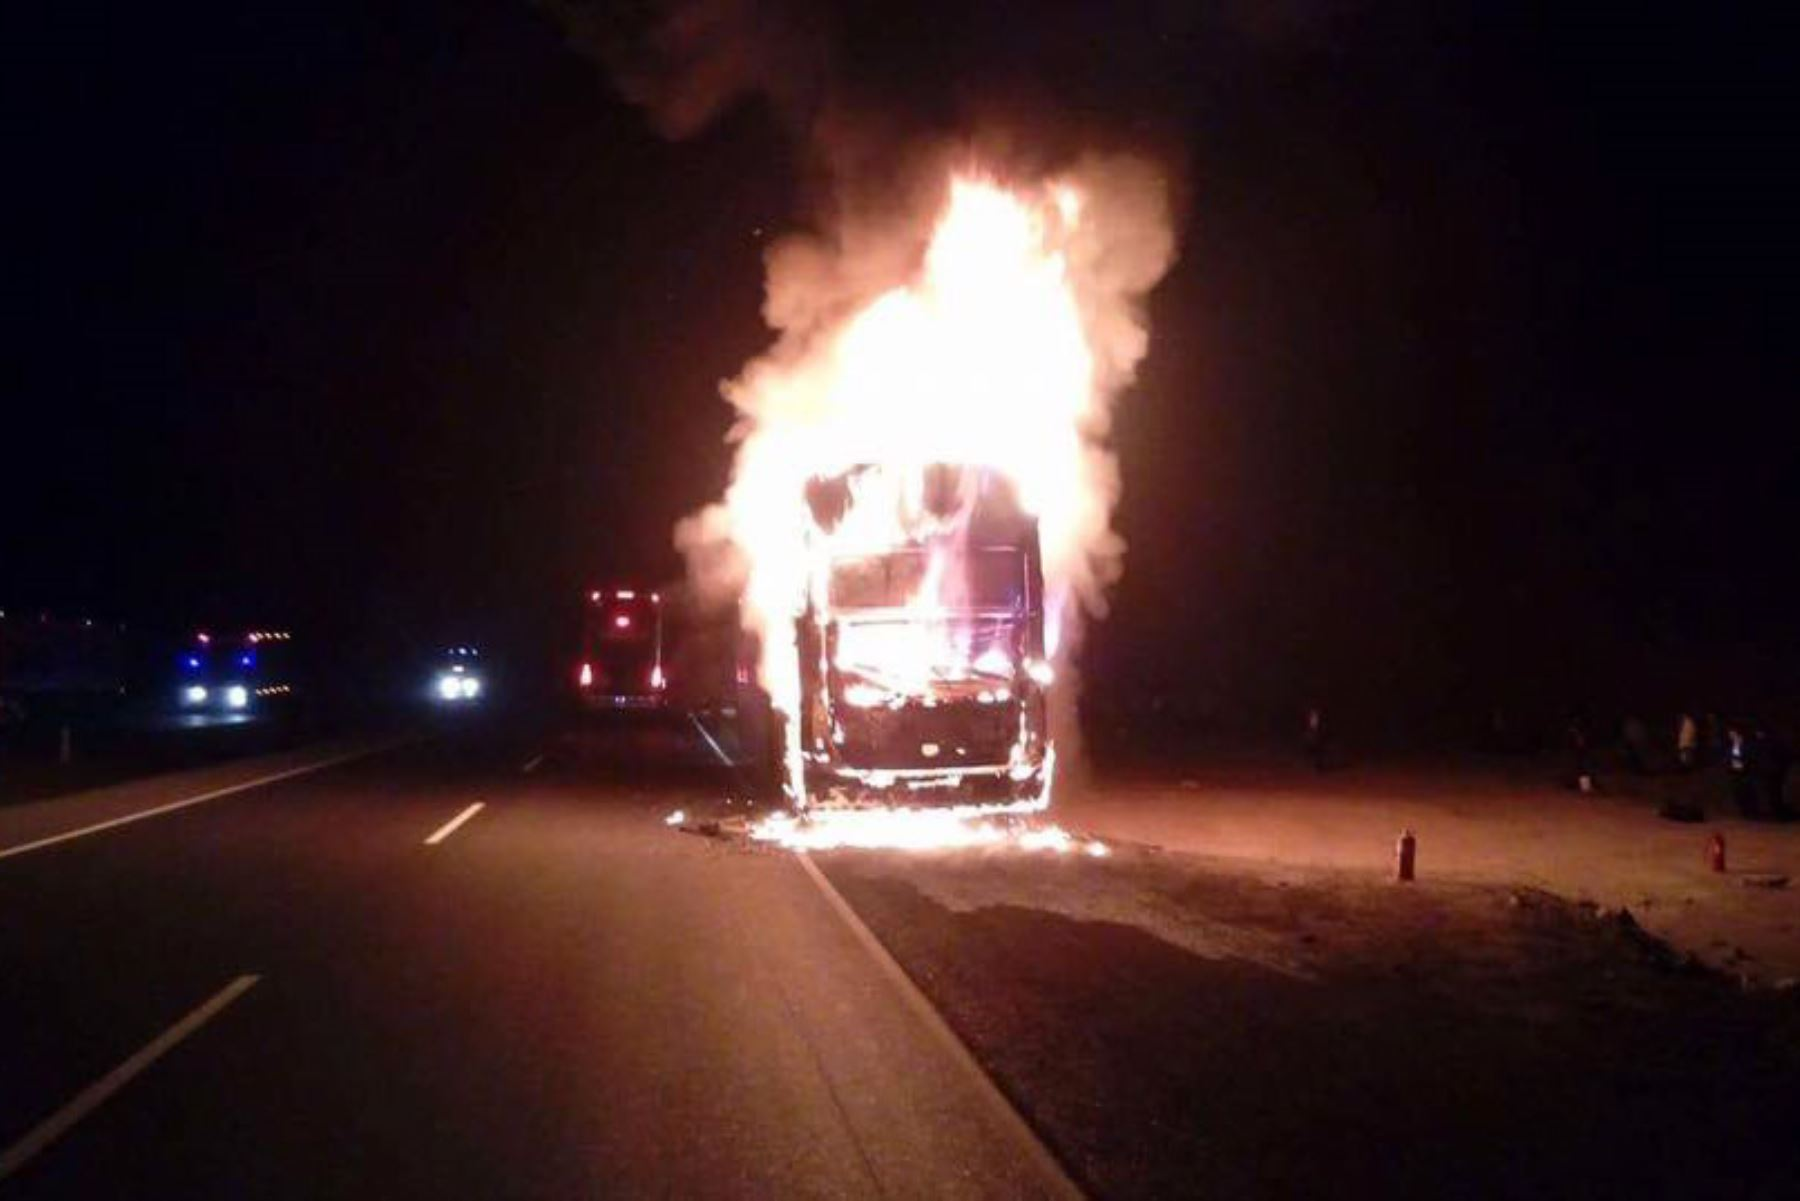 El ómnibus de la empresa turística Mony Tours, de placa D1M-967, se incendió en el distrito de Pariacoto, región Áncash.